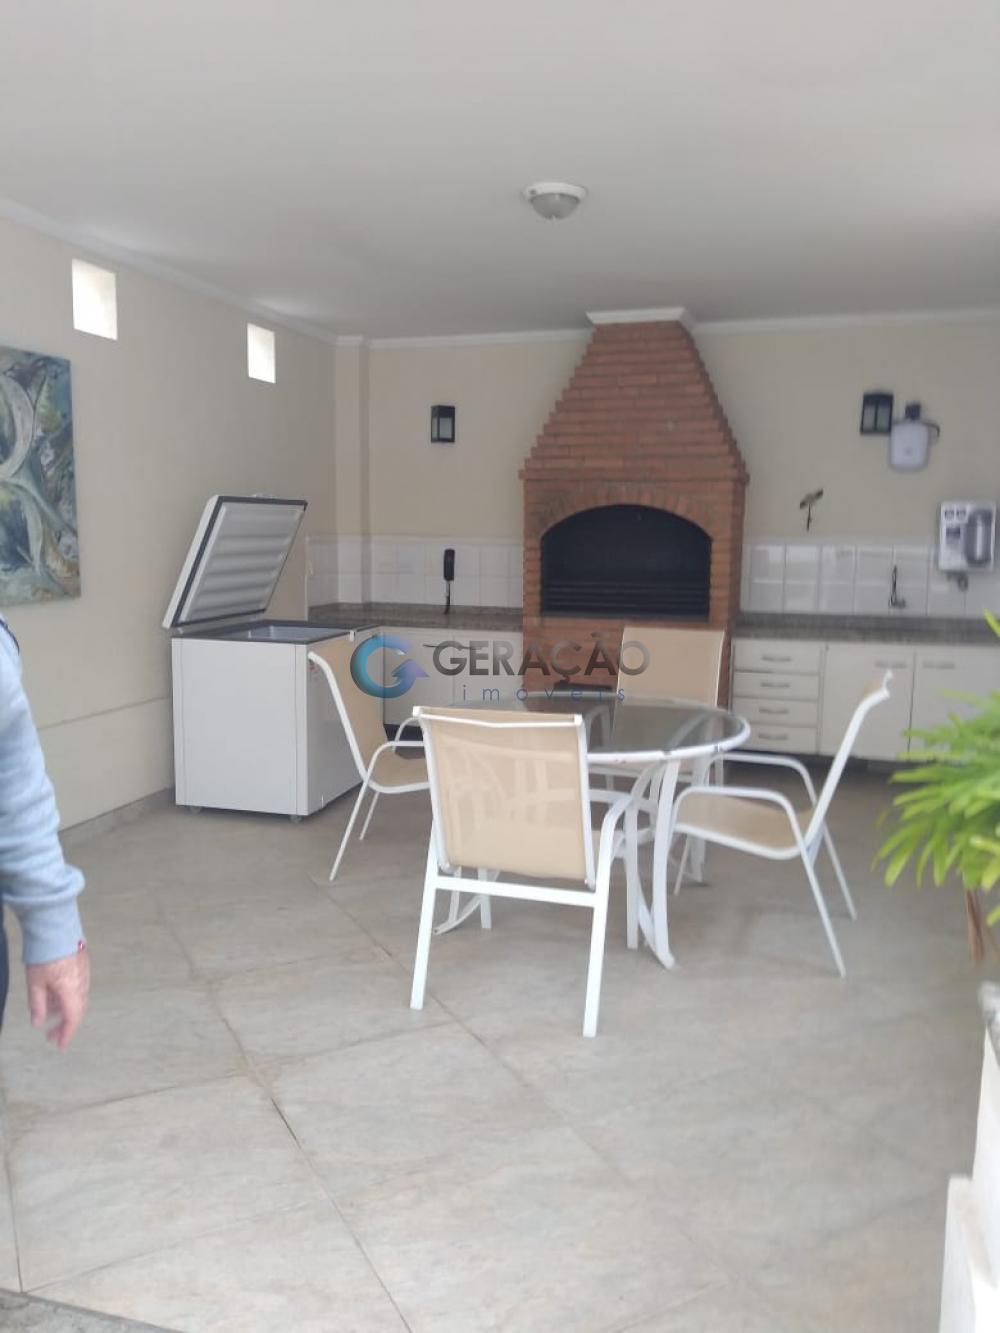 Comprar Apartamento / Padrão em São José dos Campos R$ 1.300.000,00 - Foto 30